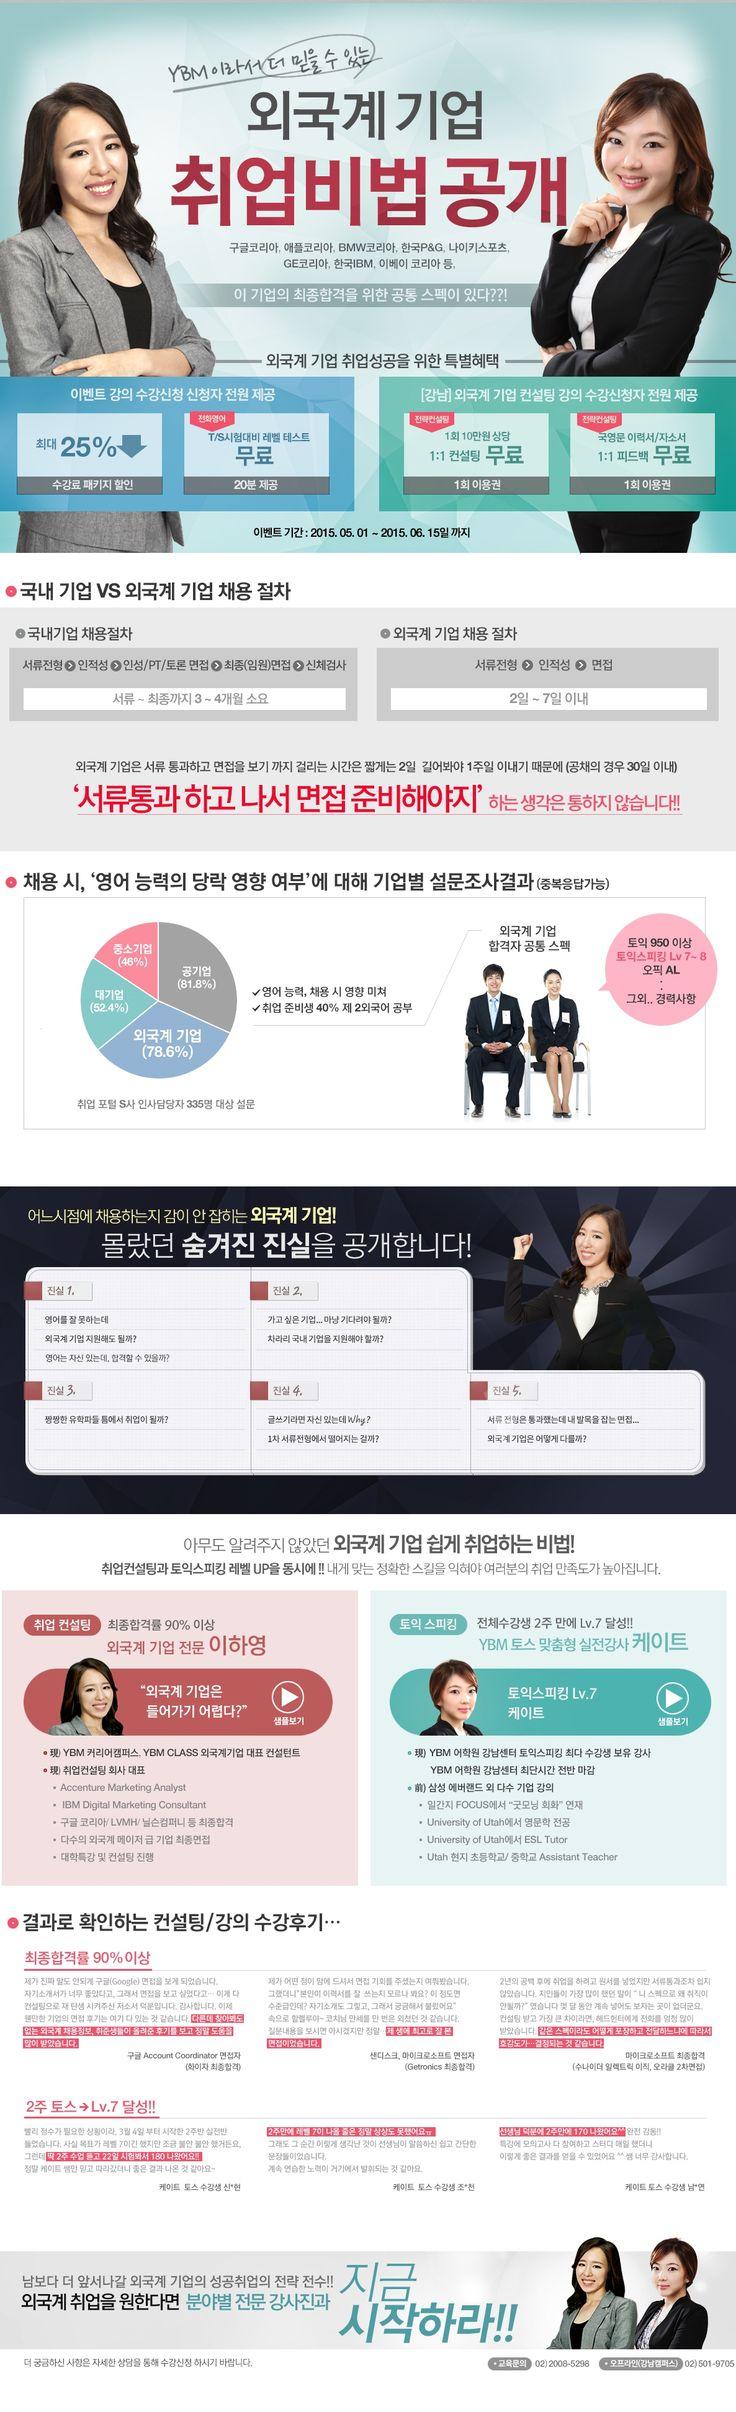 [YBMClass] 취업비법공개 (옥)